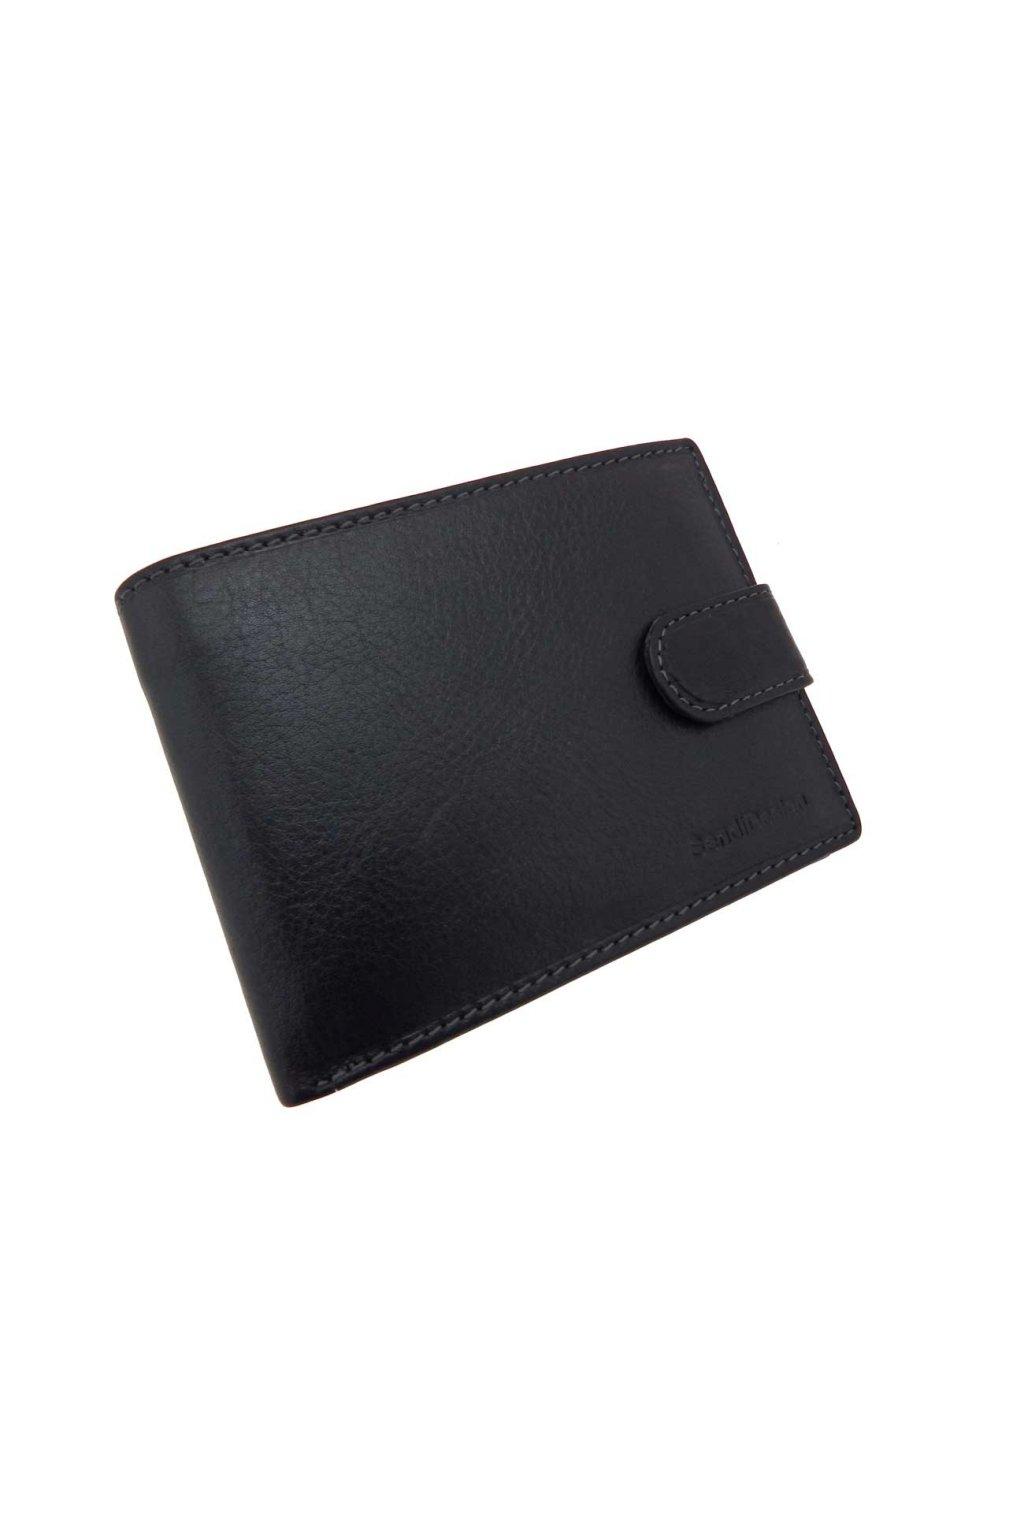 pánská kožená peněženka PKP03 B01 L C 8